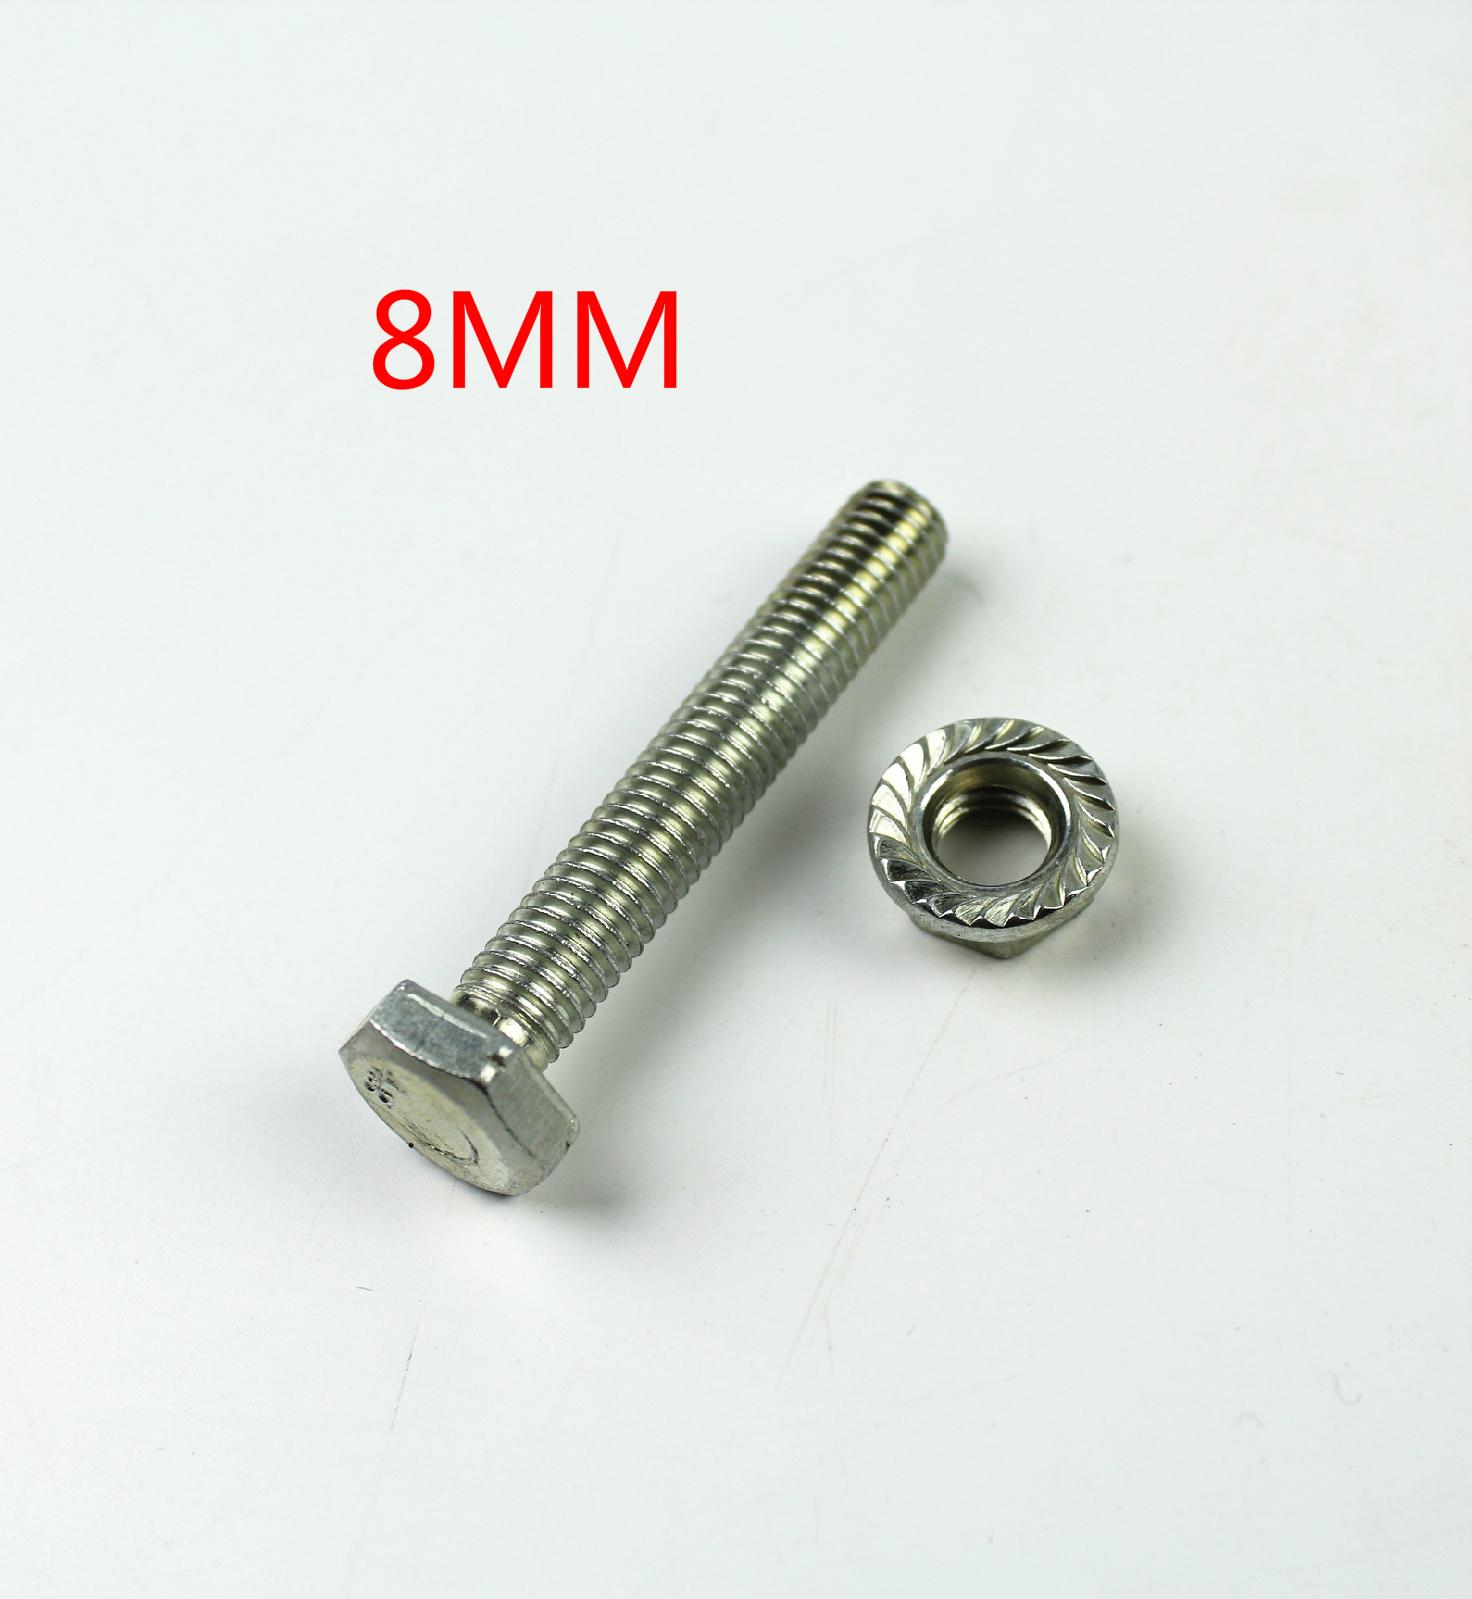 摩托车电动车改装配件后减震器加高螺丝加高器螺丝减震器螺丝